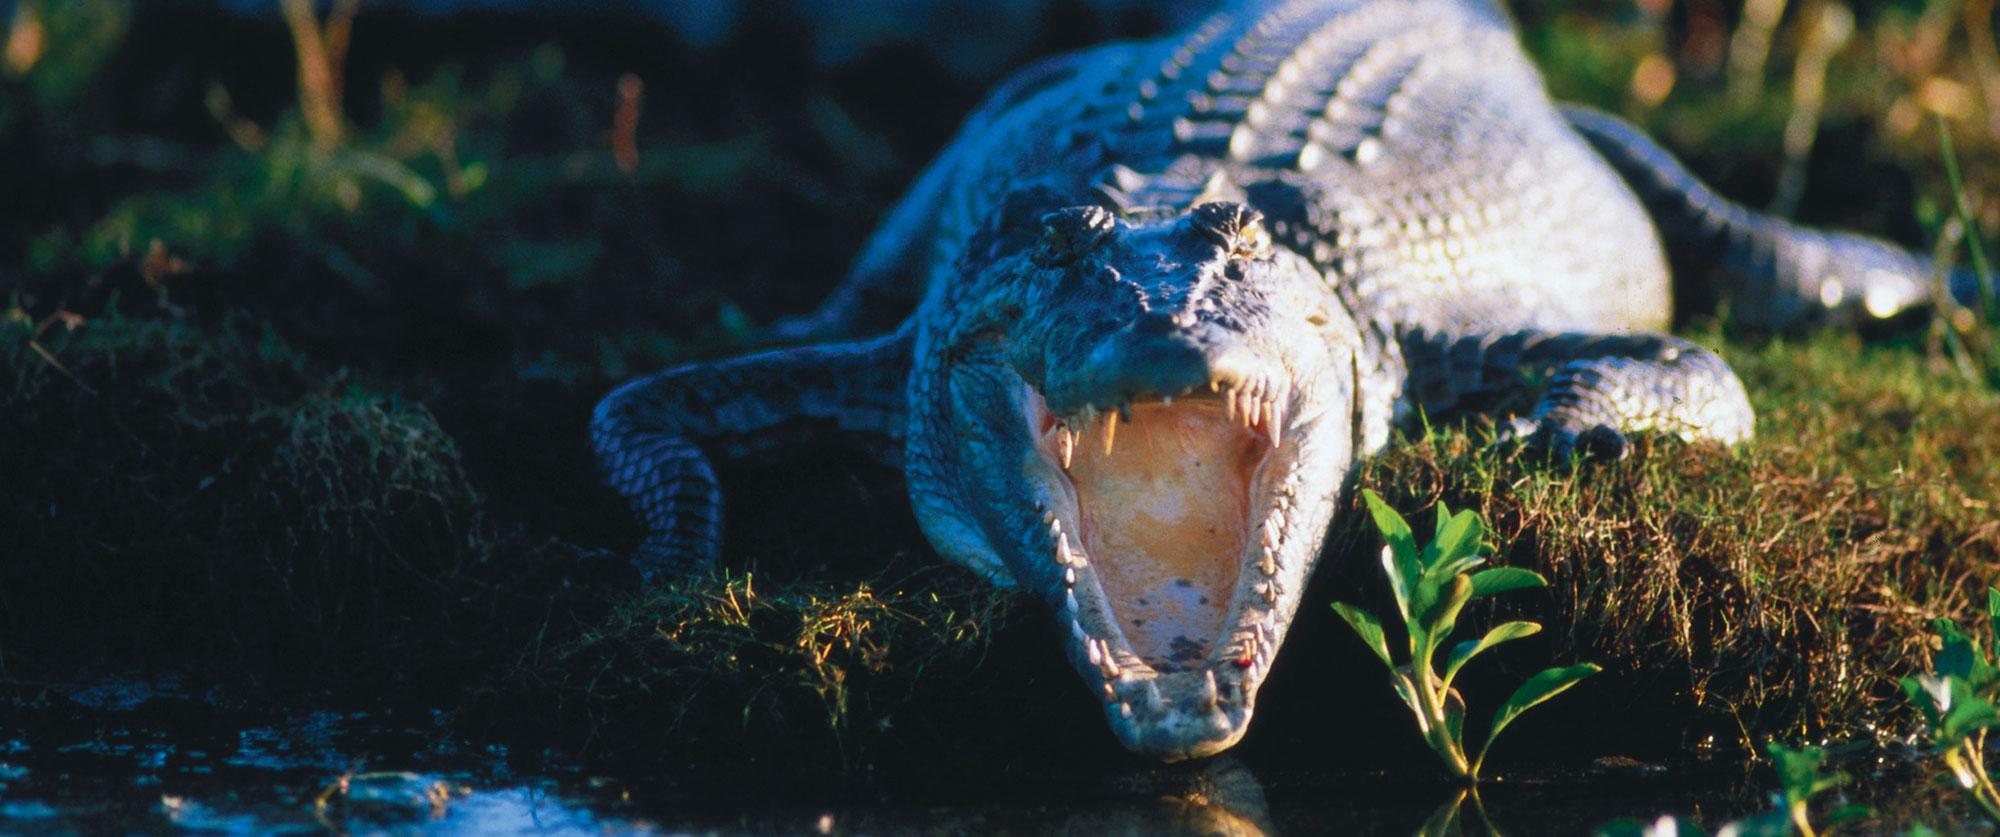 Crocodile in Australia's Outback